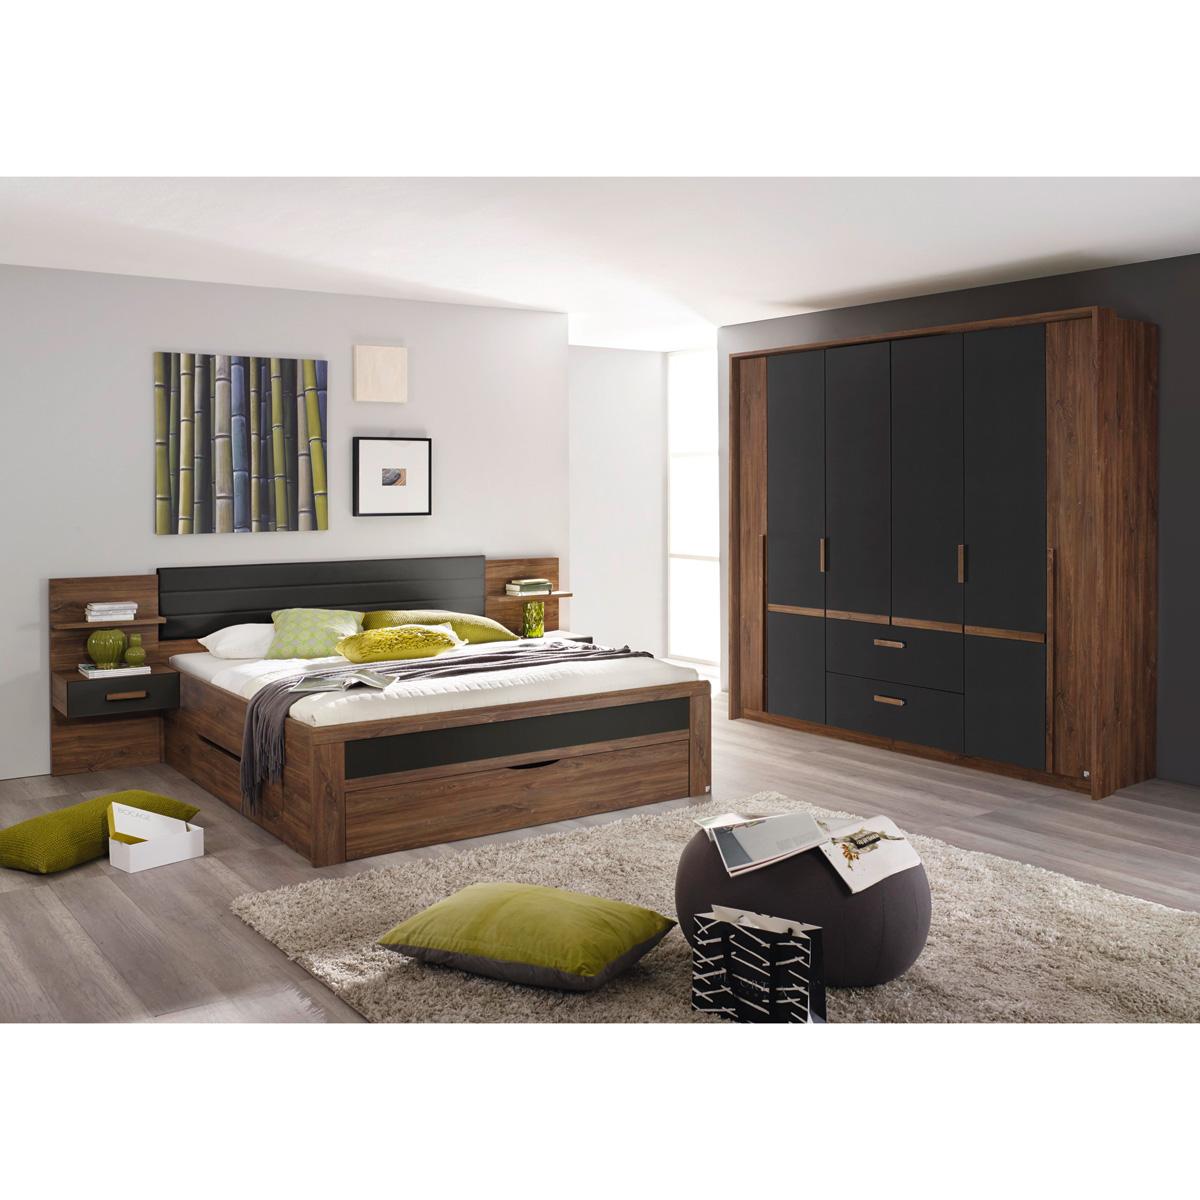 Schlafzimmer set 2 bernau bett nako kleiderschrank eiche stirling ...